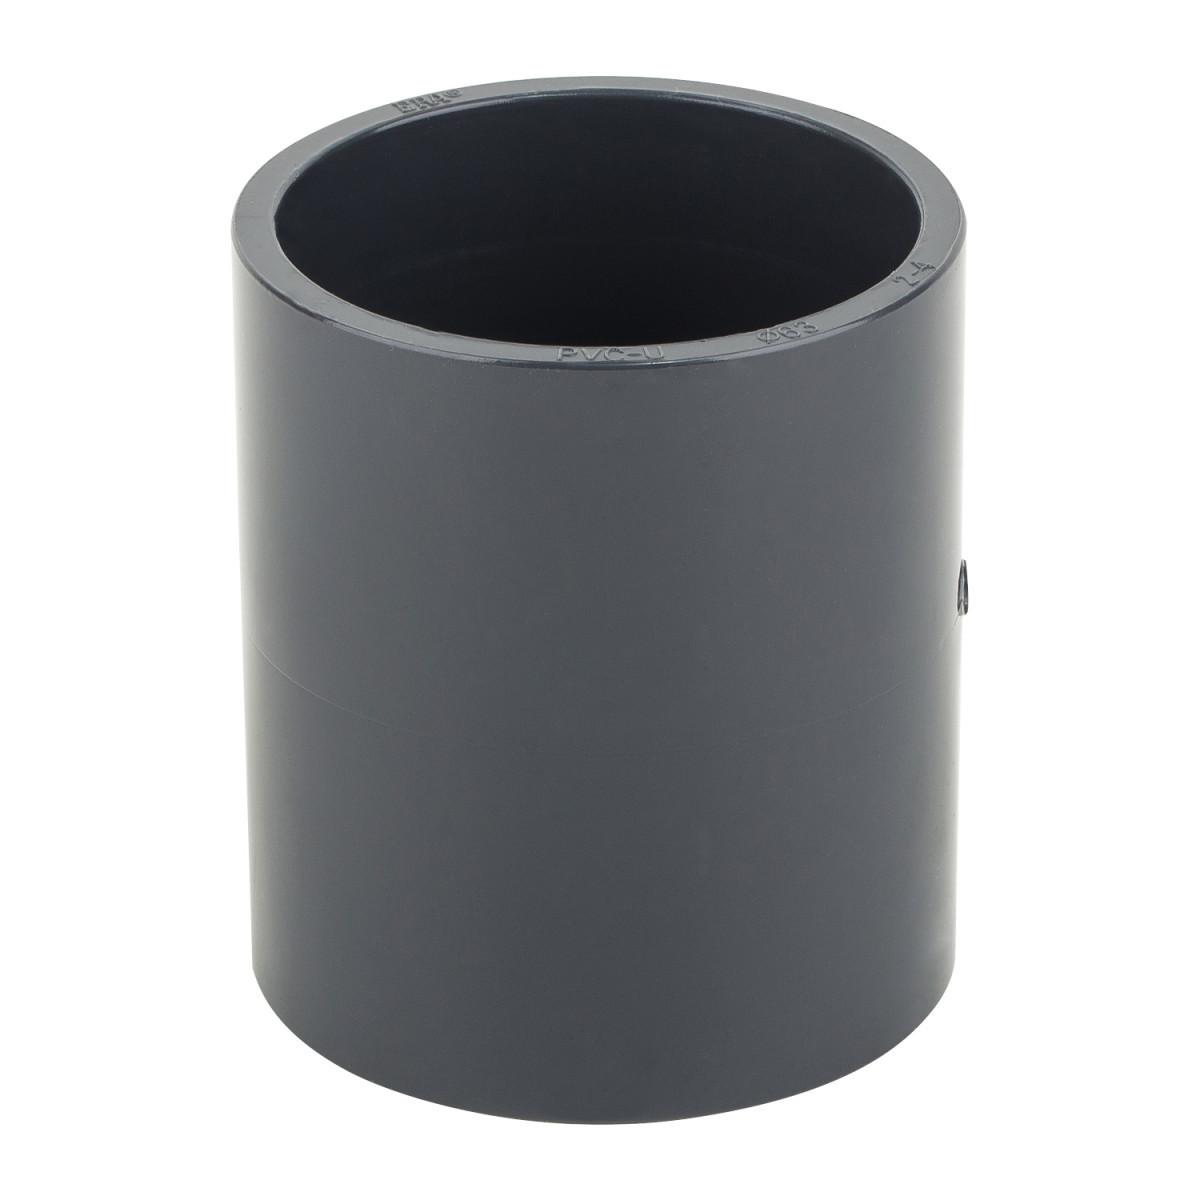 Муфта ПВХ ERA соеденительная диаметр 63 мм